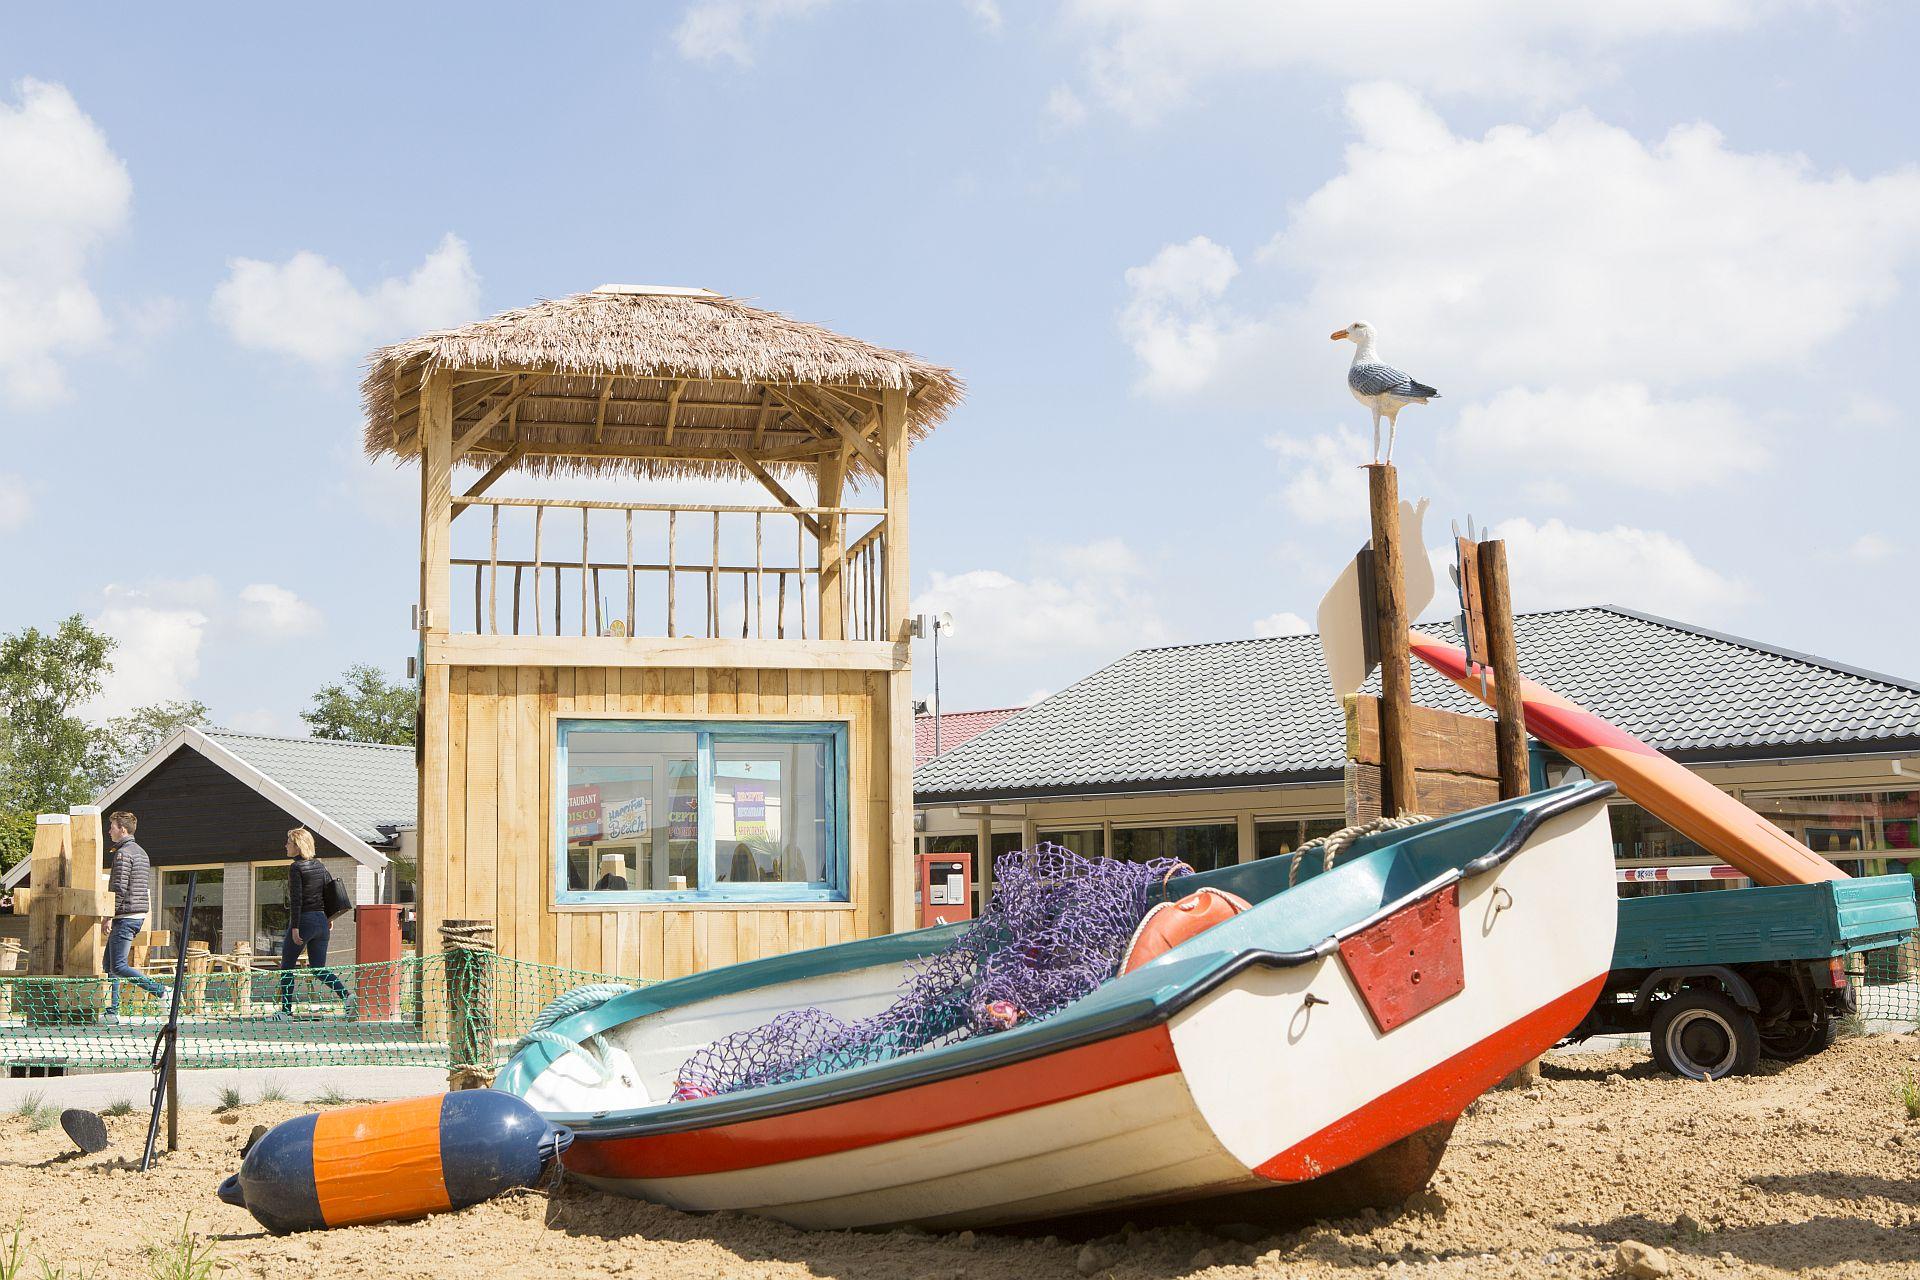 Kom vakantie vieren op ons vakantiepark in Hardenberg! - Vakantiepark in Hardenberg Overijssel